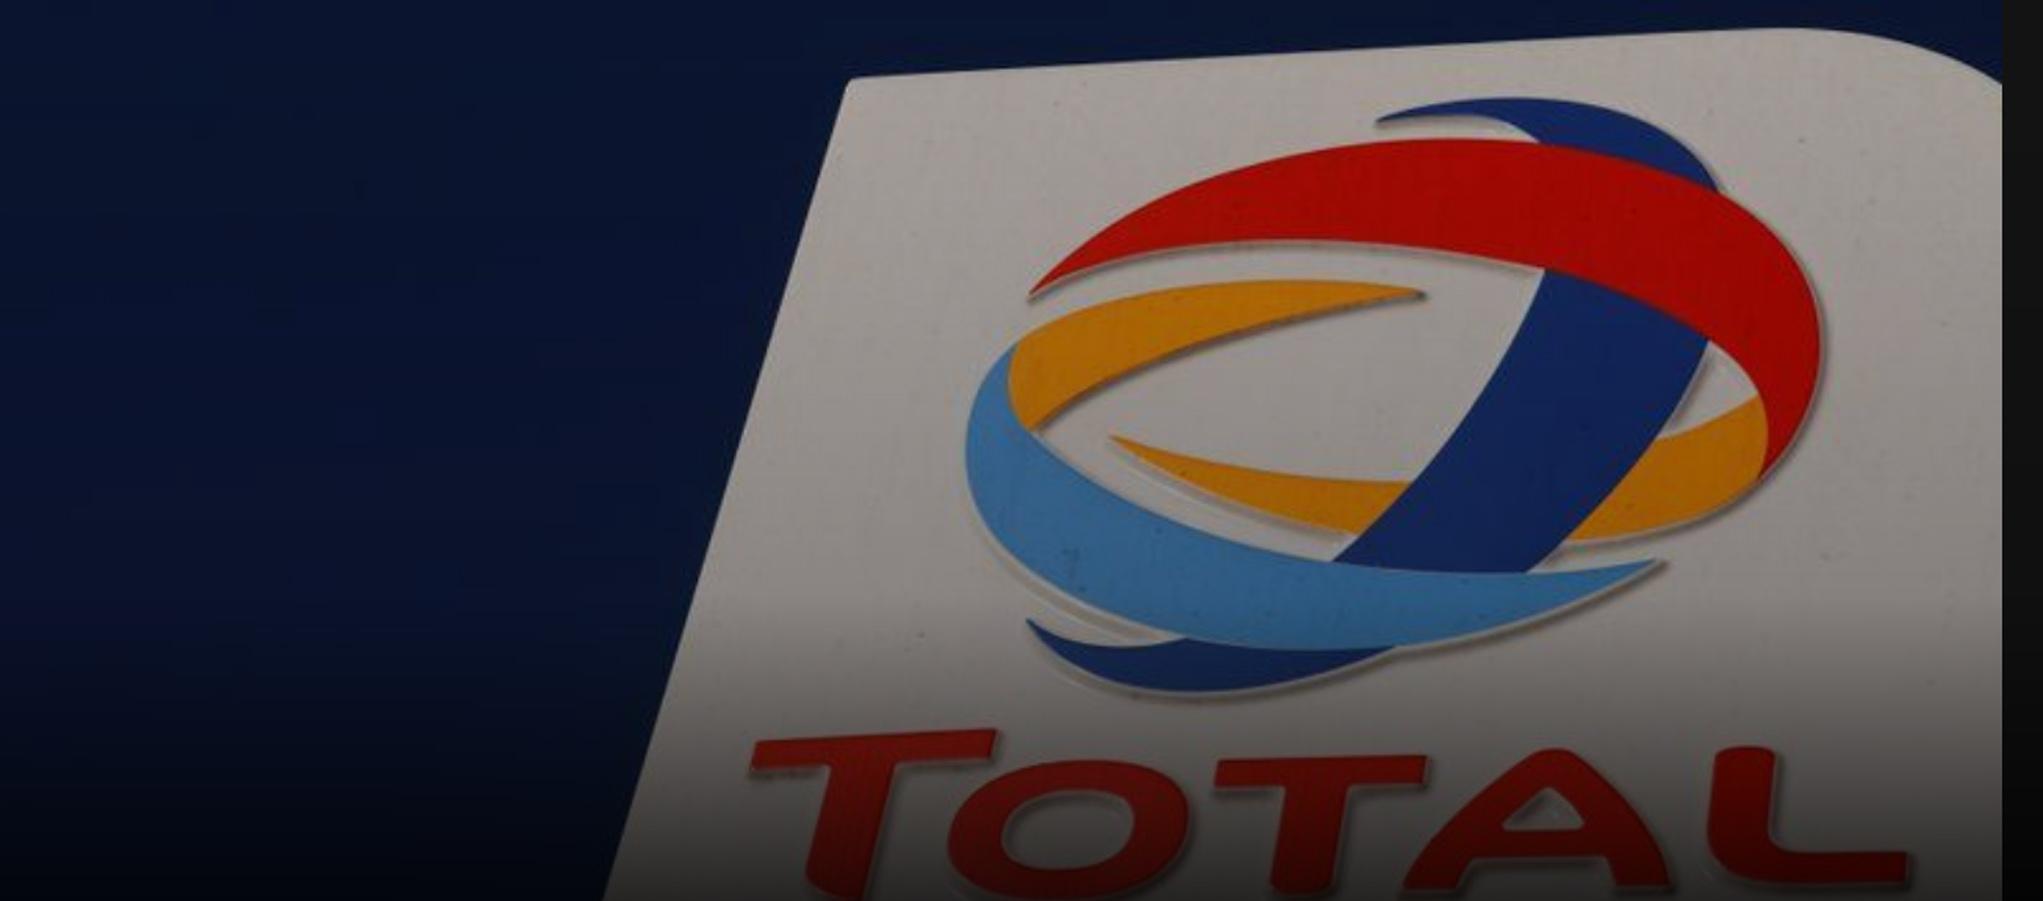 العراق يوقع اتفاقية مع شركة توتال لتنفيذ مشاريع كبيرة